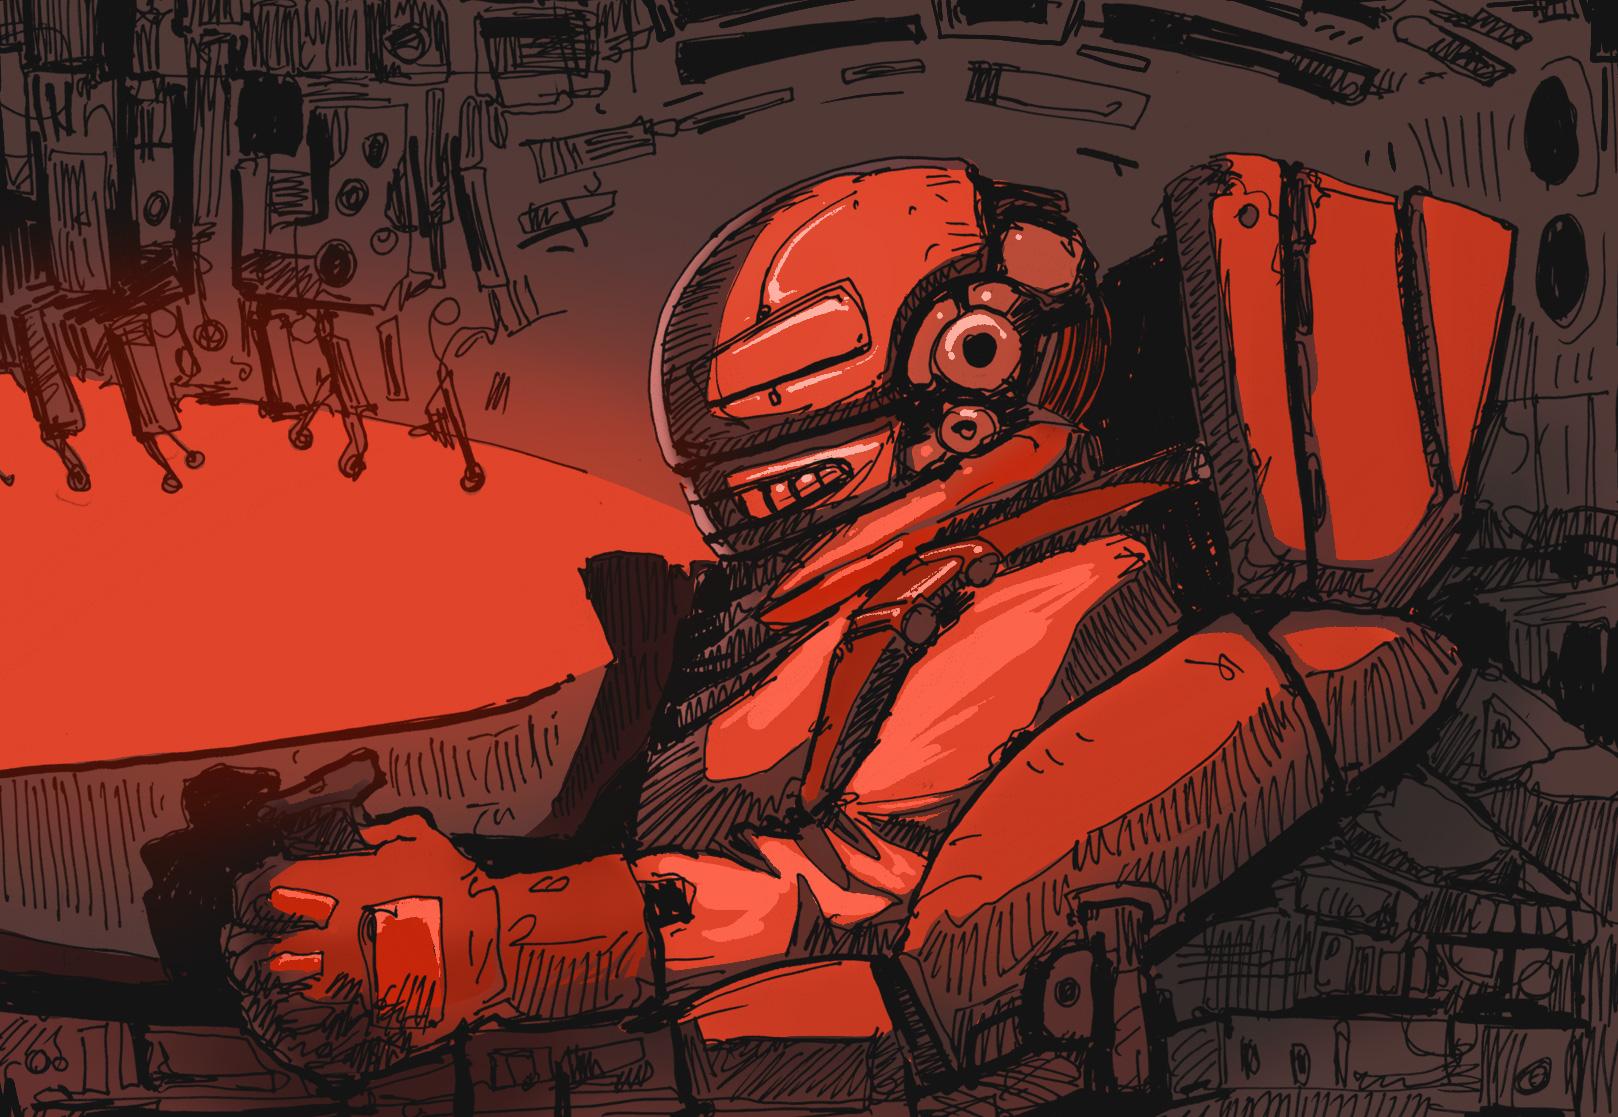 carlos-villarreal-kwasek-pg-02-01-poster